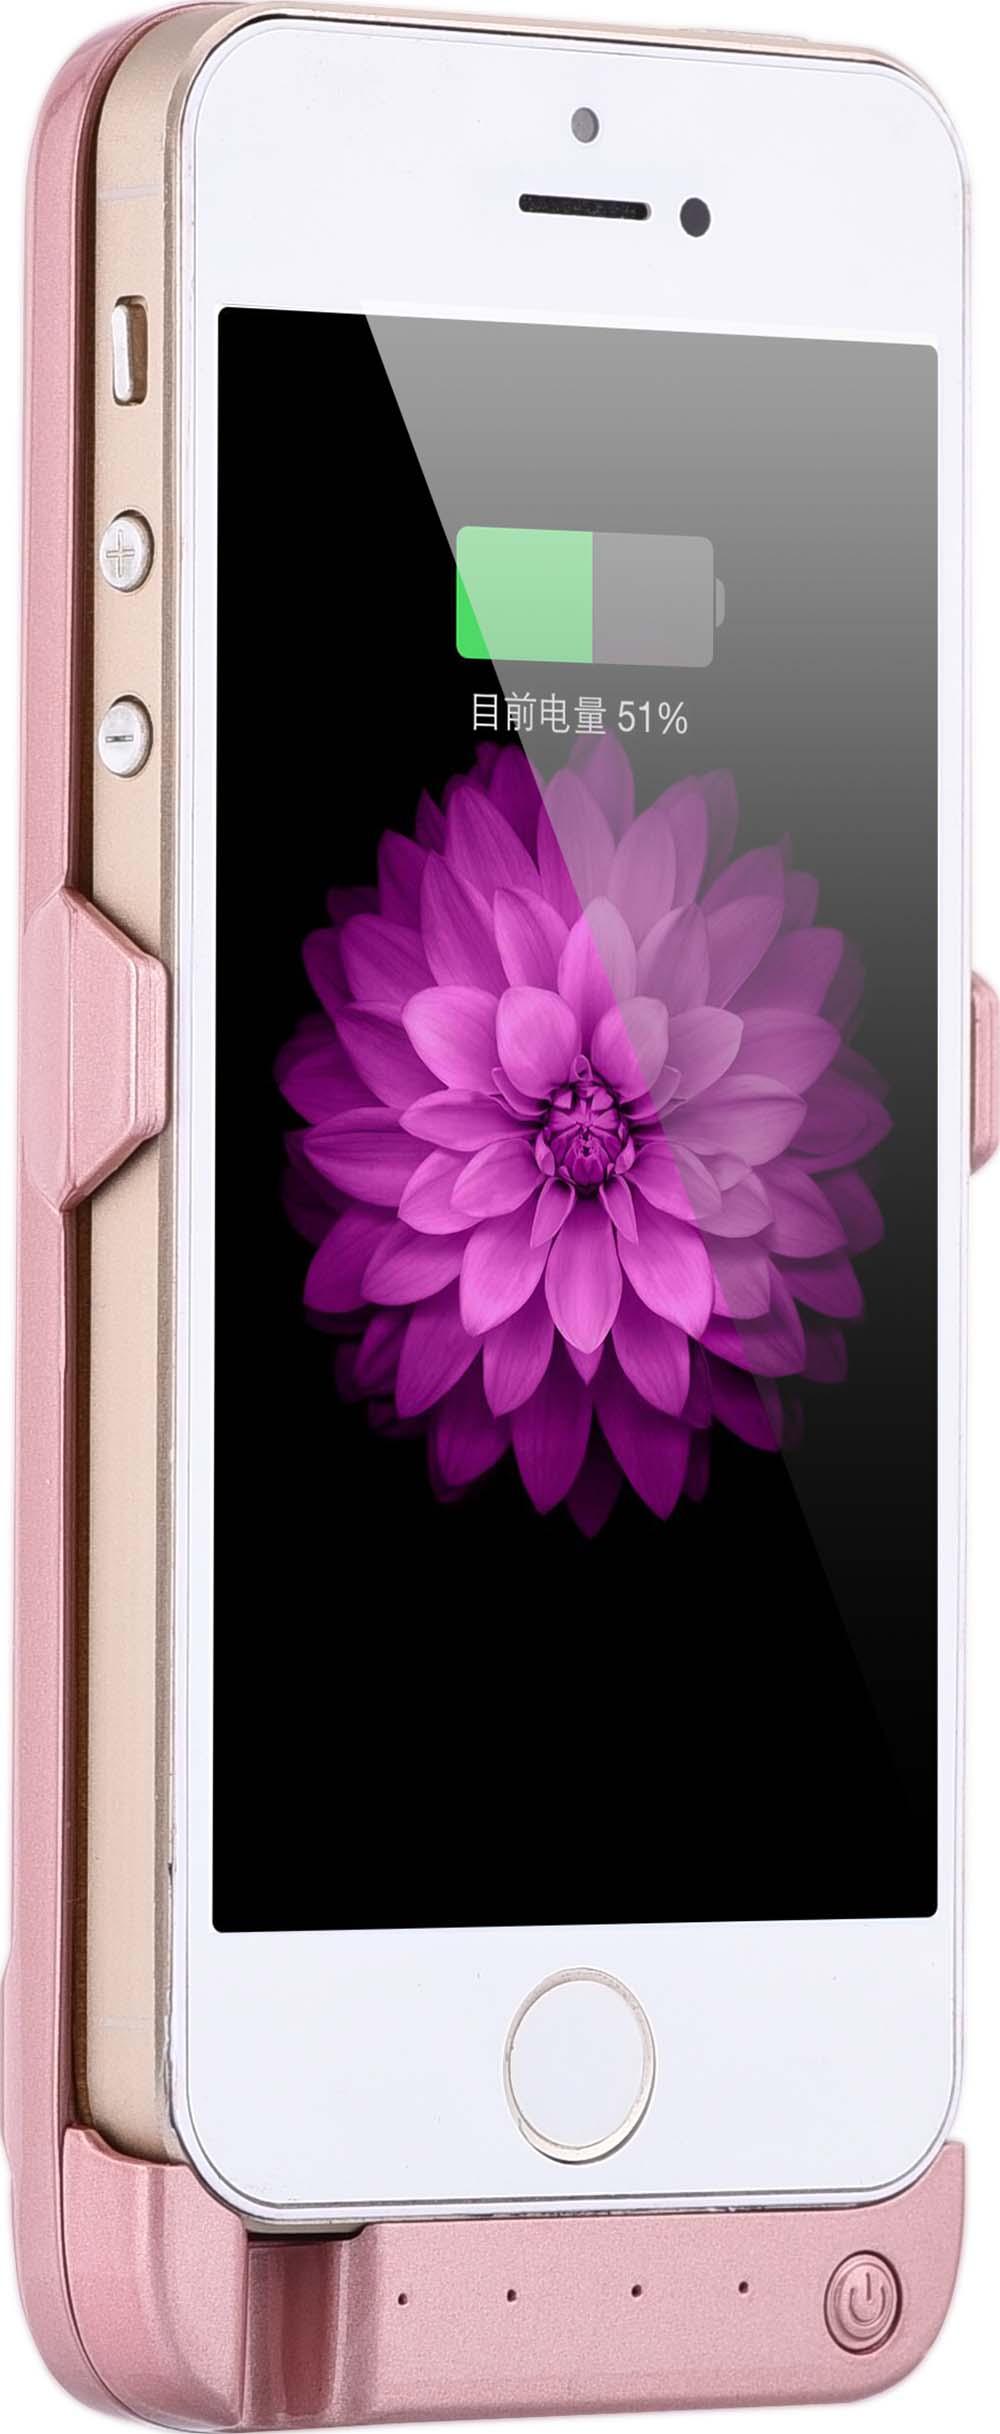 imágenes para Recién llegado de caso de la energía de baterías de teléfono prolongada para apple iphone 5 5s se 4200 mah powerbank de carga cubierta con bipedestador